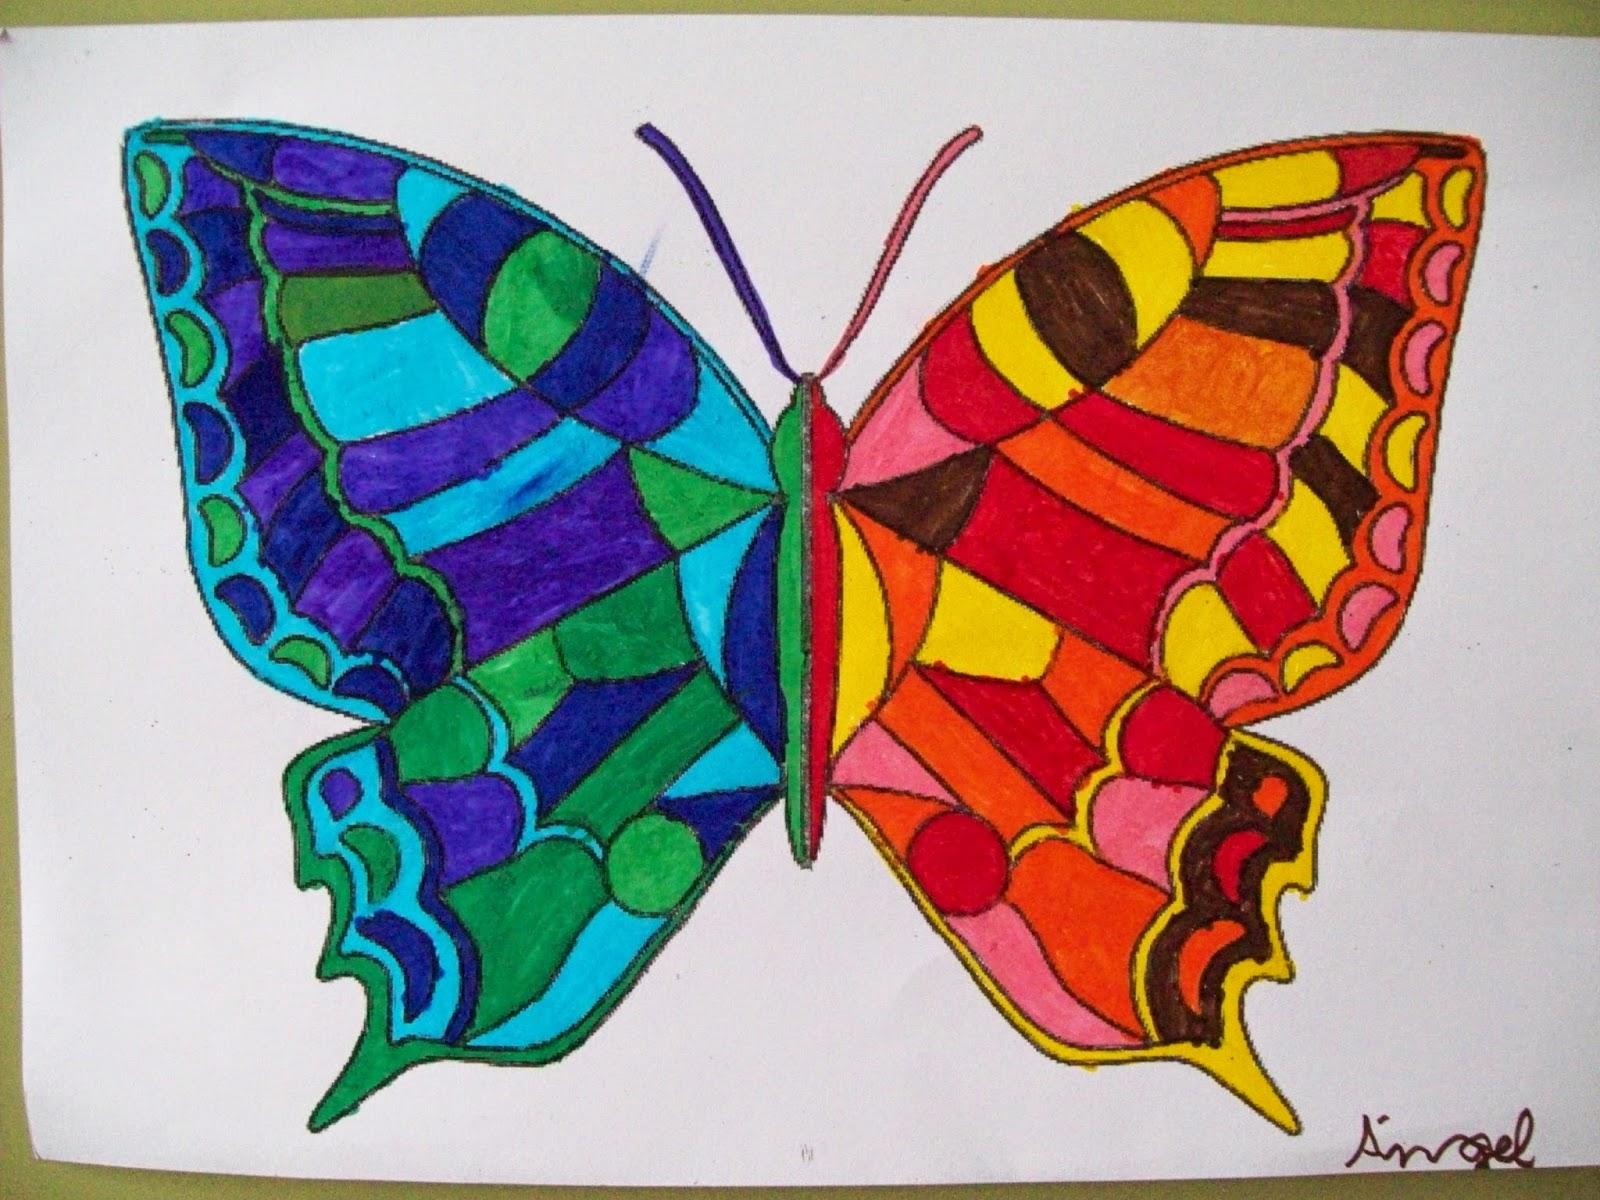 La clase de 2 b colores fr os y colores c lidos for Imagenes de cuadros abstractos para colorear